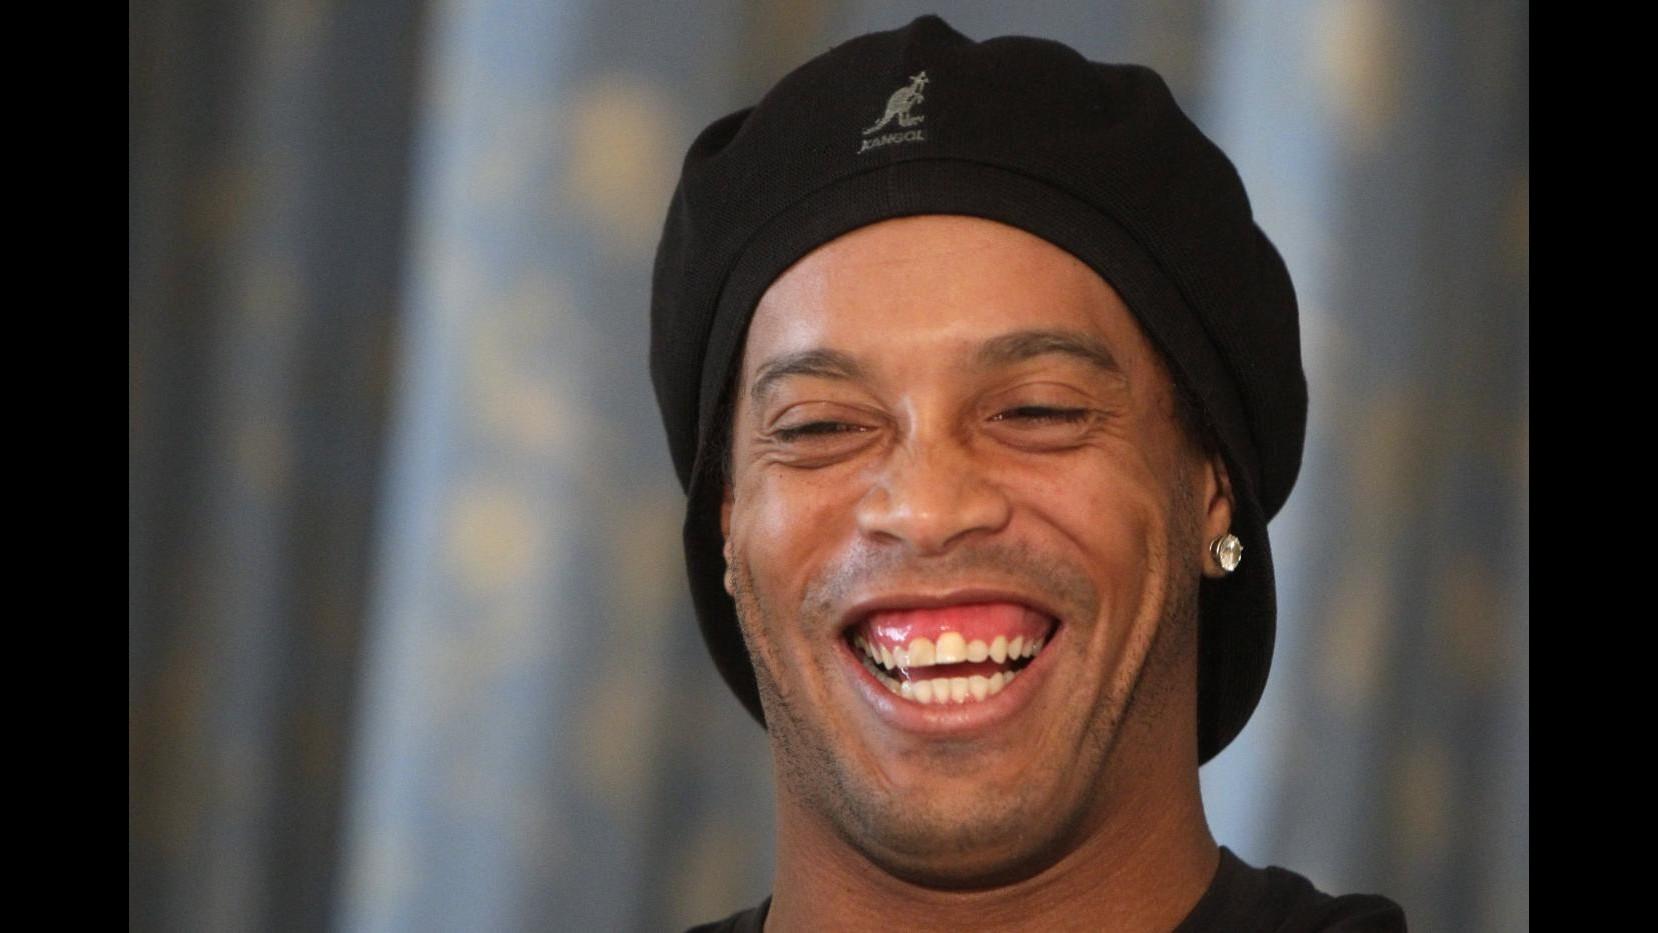 Nuovo sorriso per Ronaldinho: intervento estetico a denti e gengive